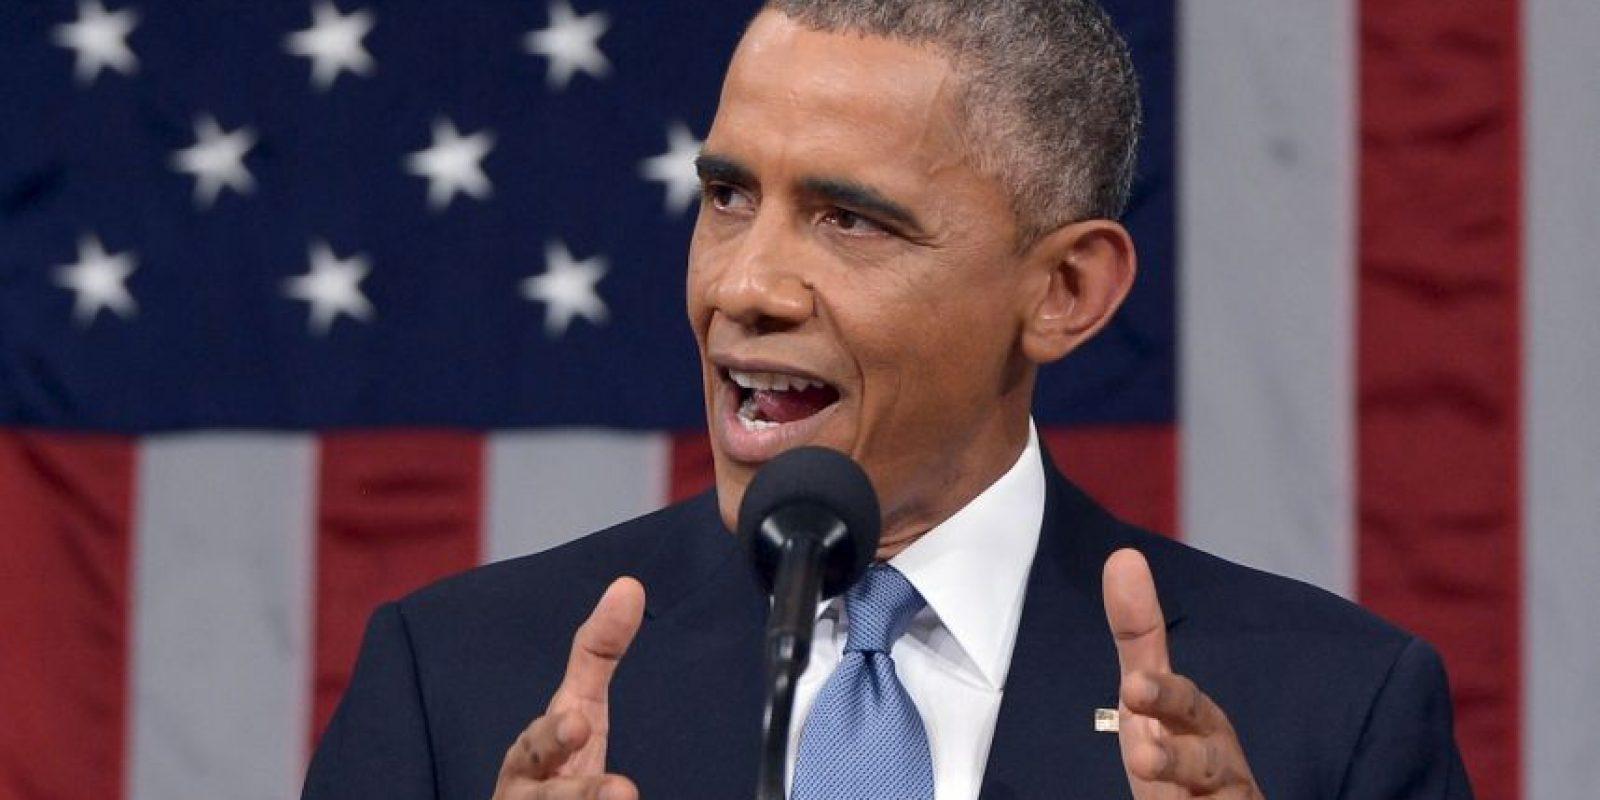 6. El tema de la inmigración fue relegado durante el discurso. Foto:Getty